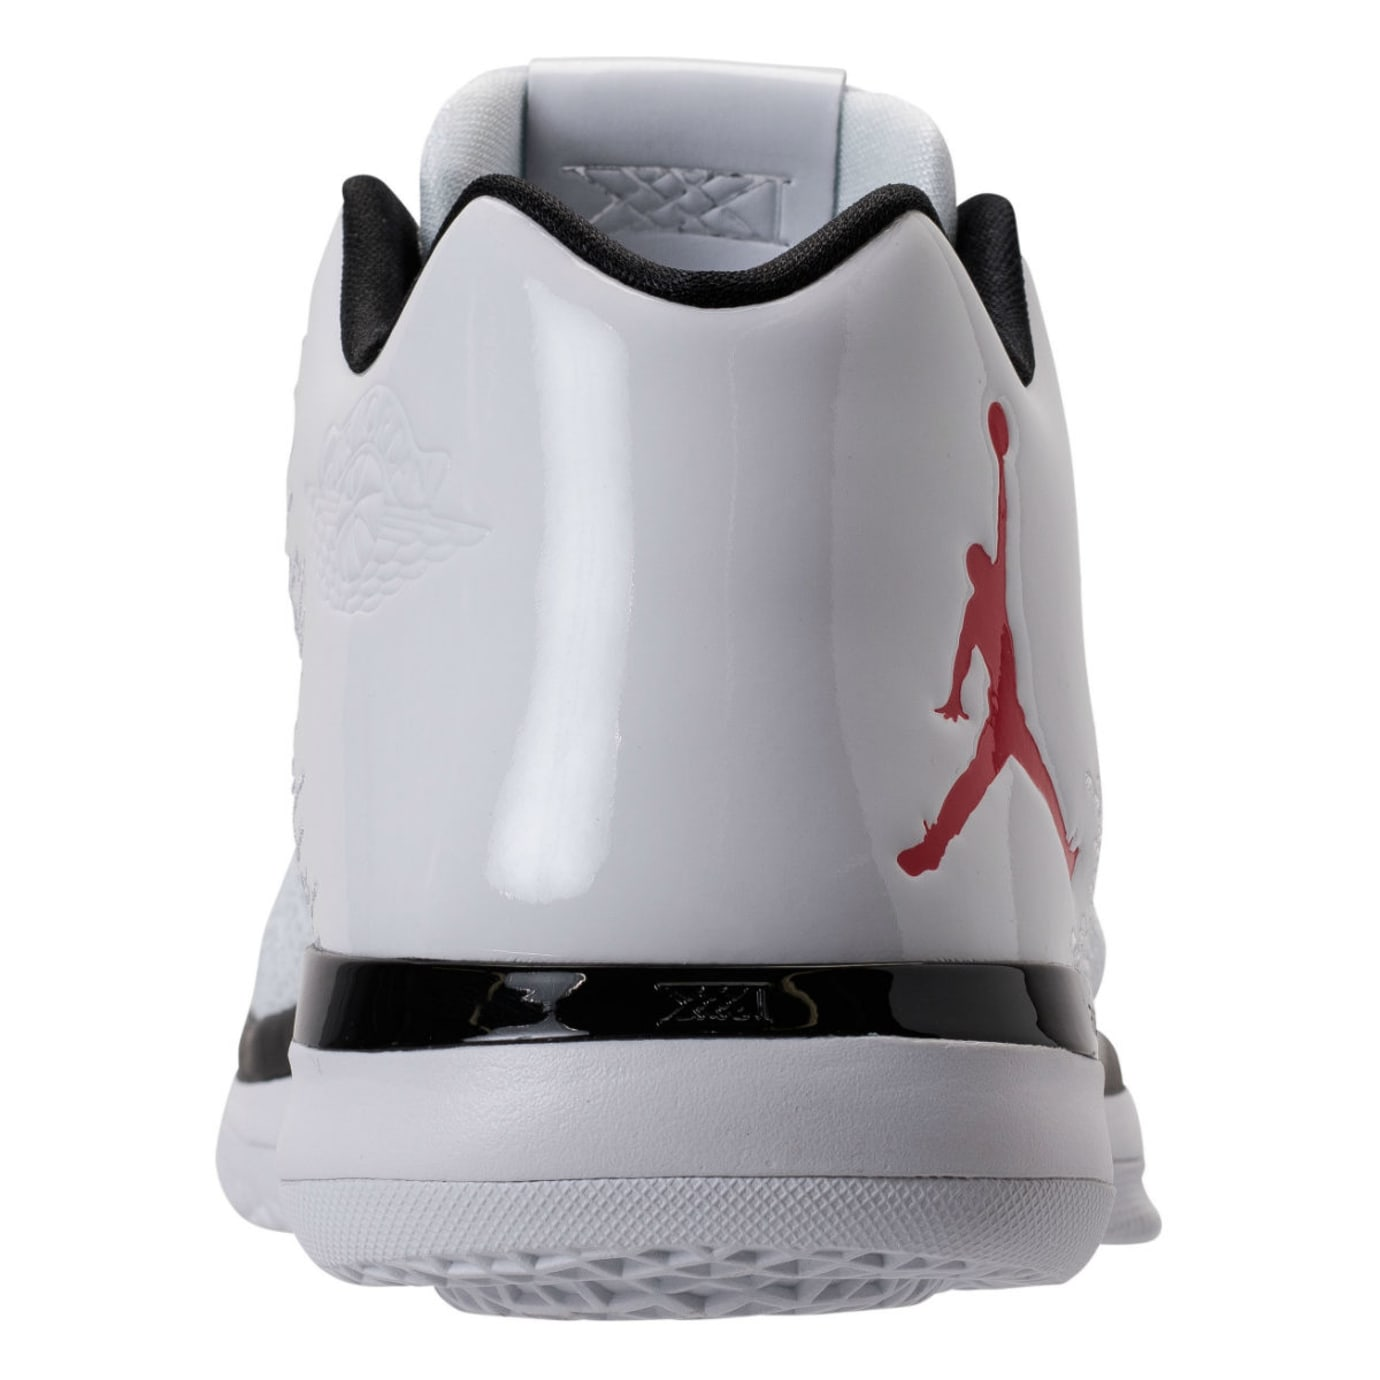 Air Jordan 31 Low Bulls Release Date Heel 897564-101